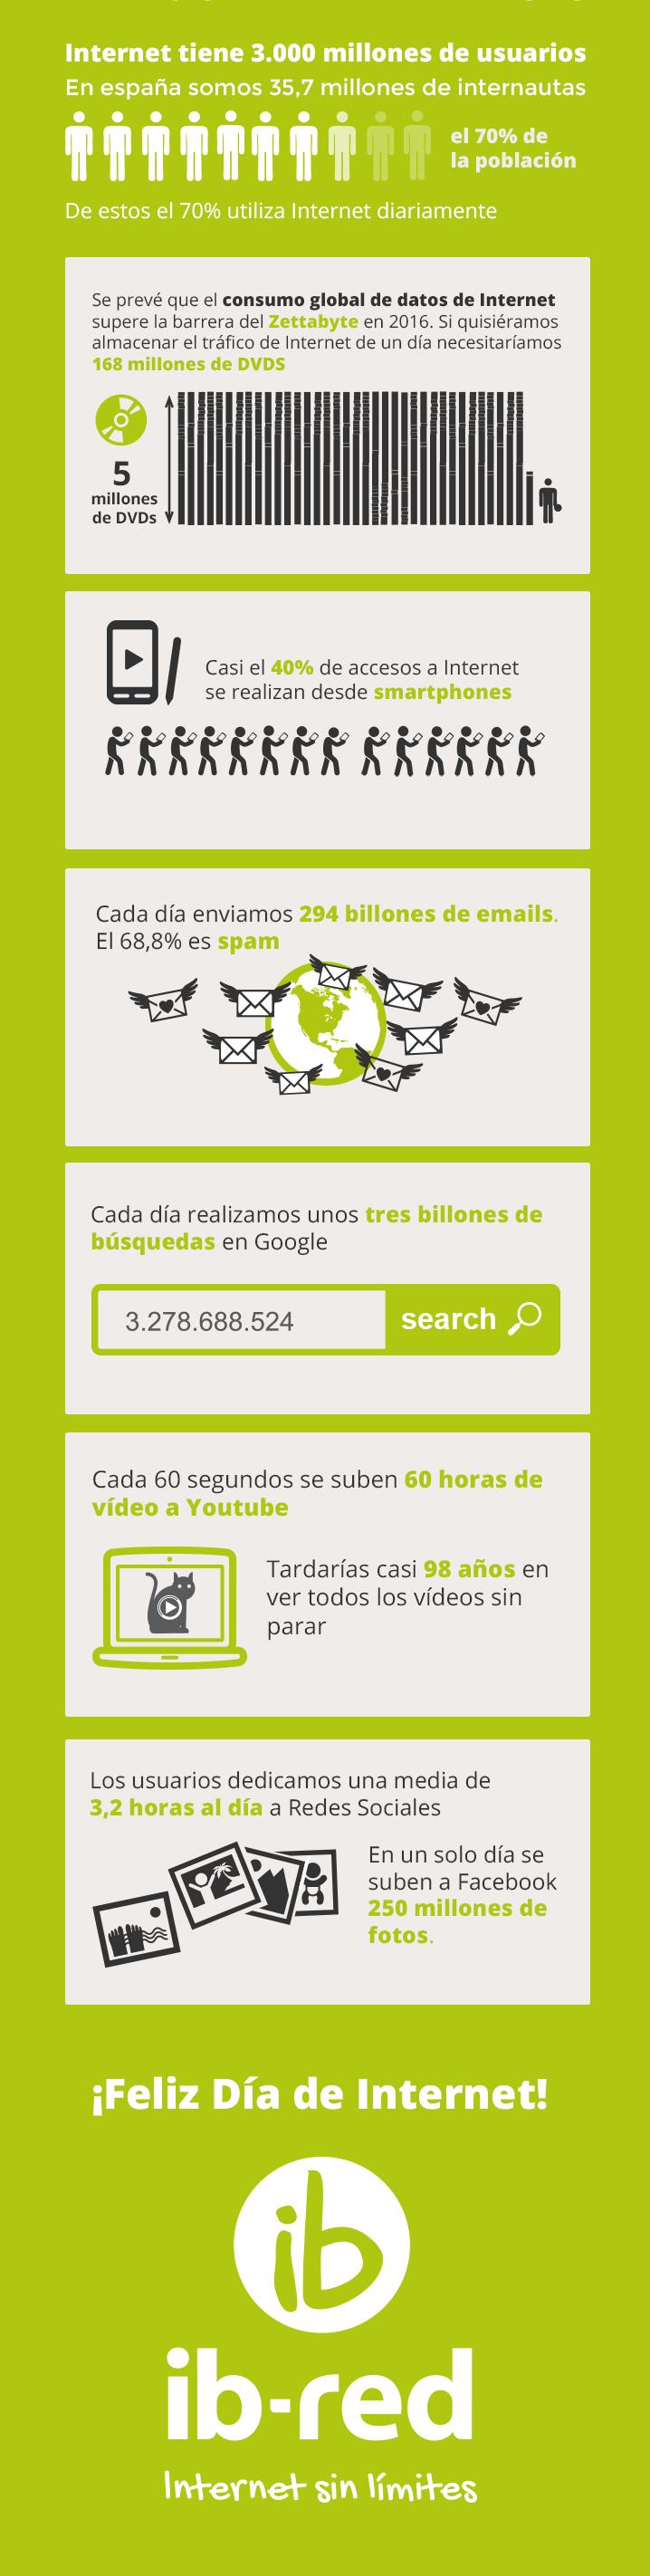 Algunos datos sobre Internet